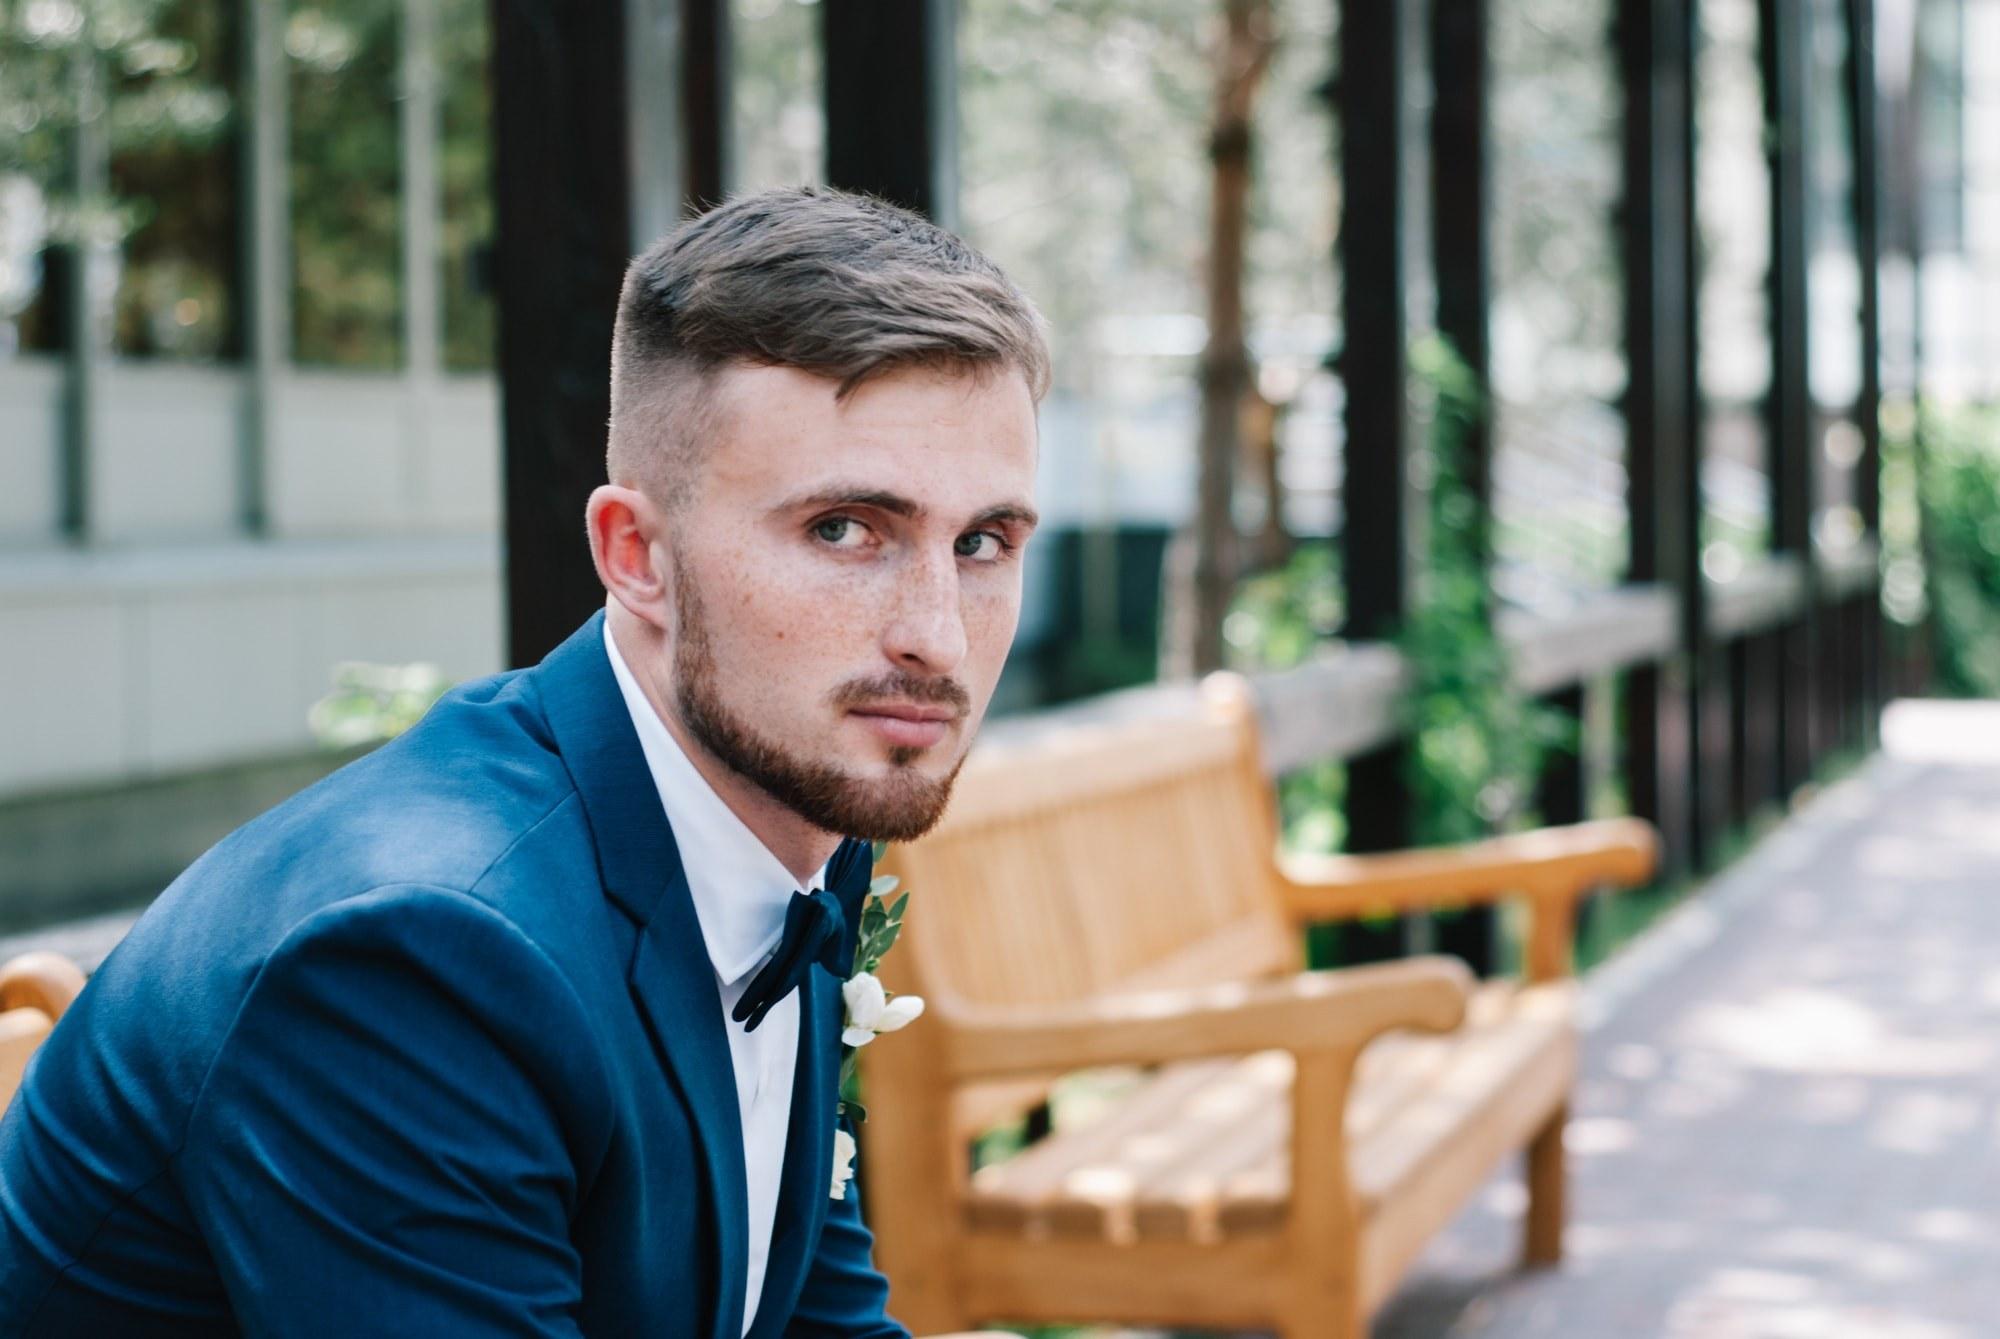 Жених задумался на скамейке - Фотограф Киев - Женя Лайт